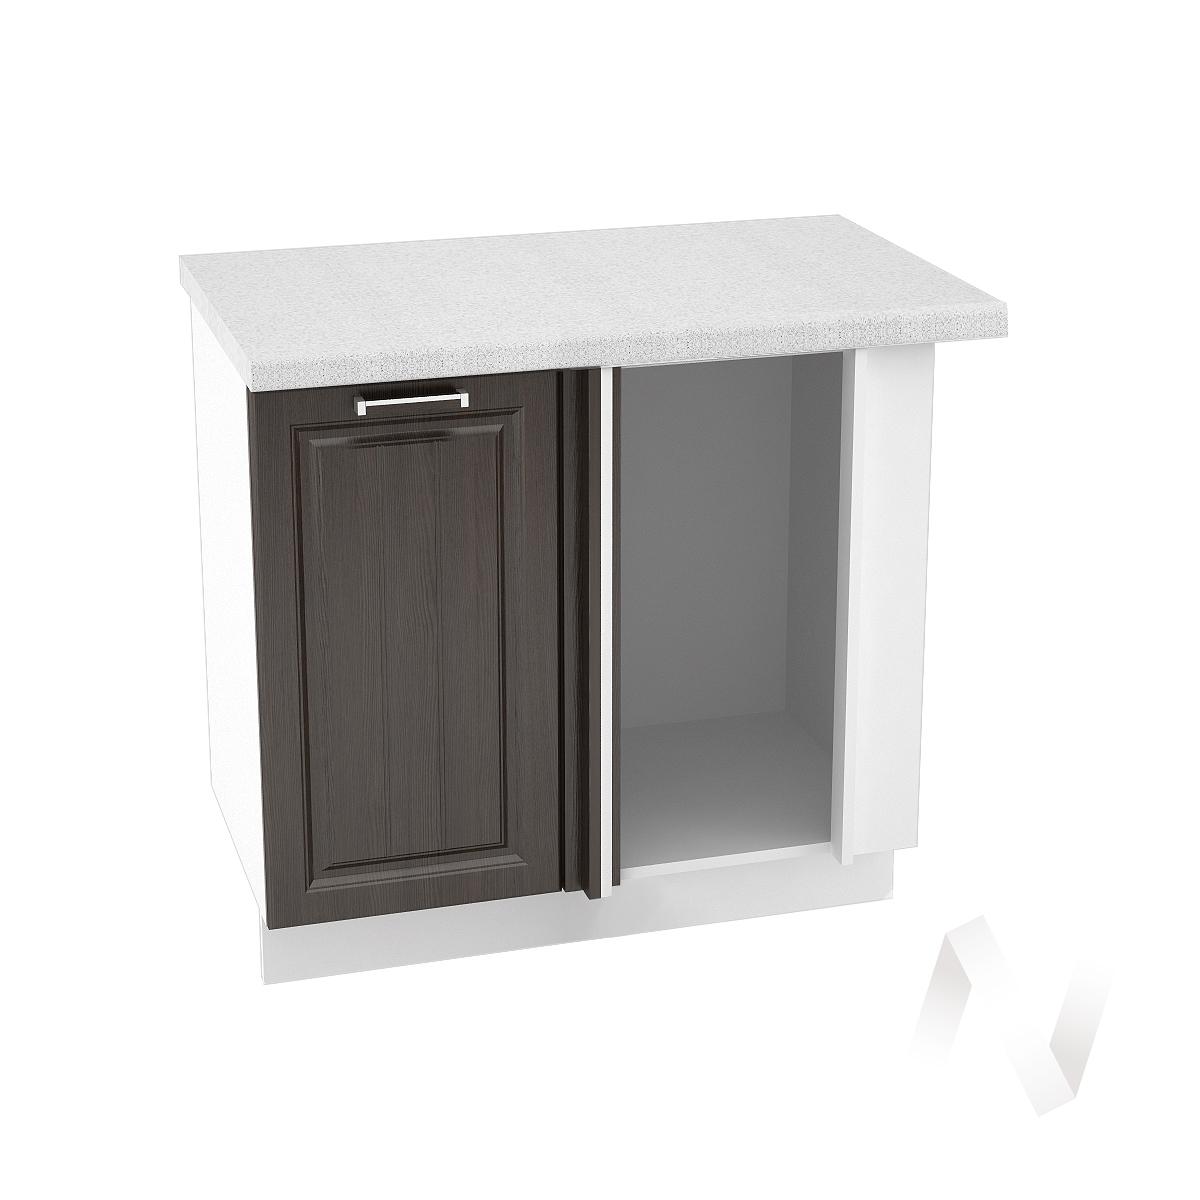 """Купить кухня """"прага"""": шкаф нижний угловой 990м, шну 990м (венге/корпус белый) в Новосибирске в интернет-магазине Мебель плюс Техника"""